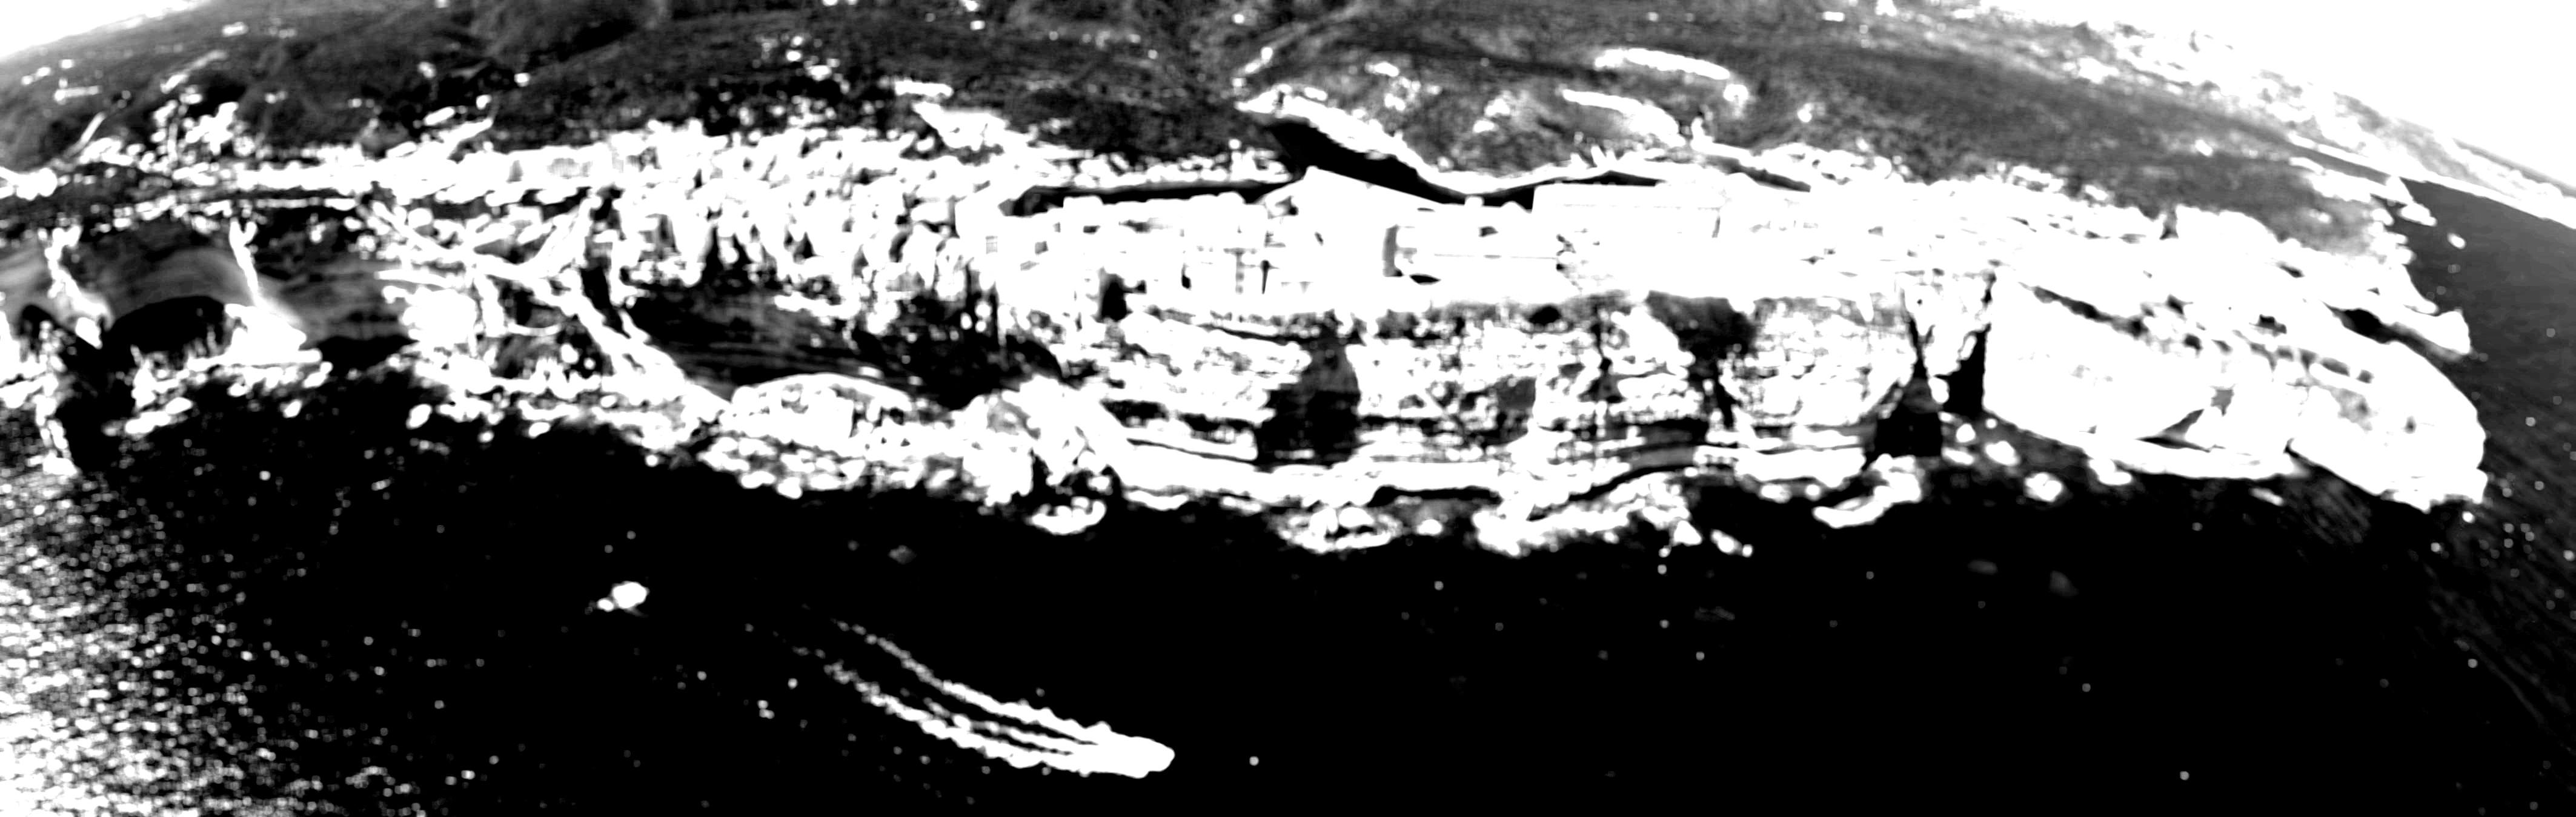 falaises-de-bonifacio.jpg